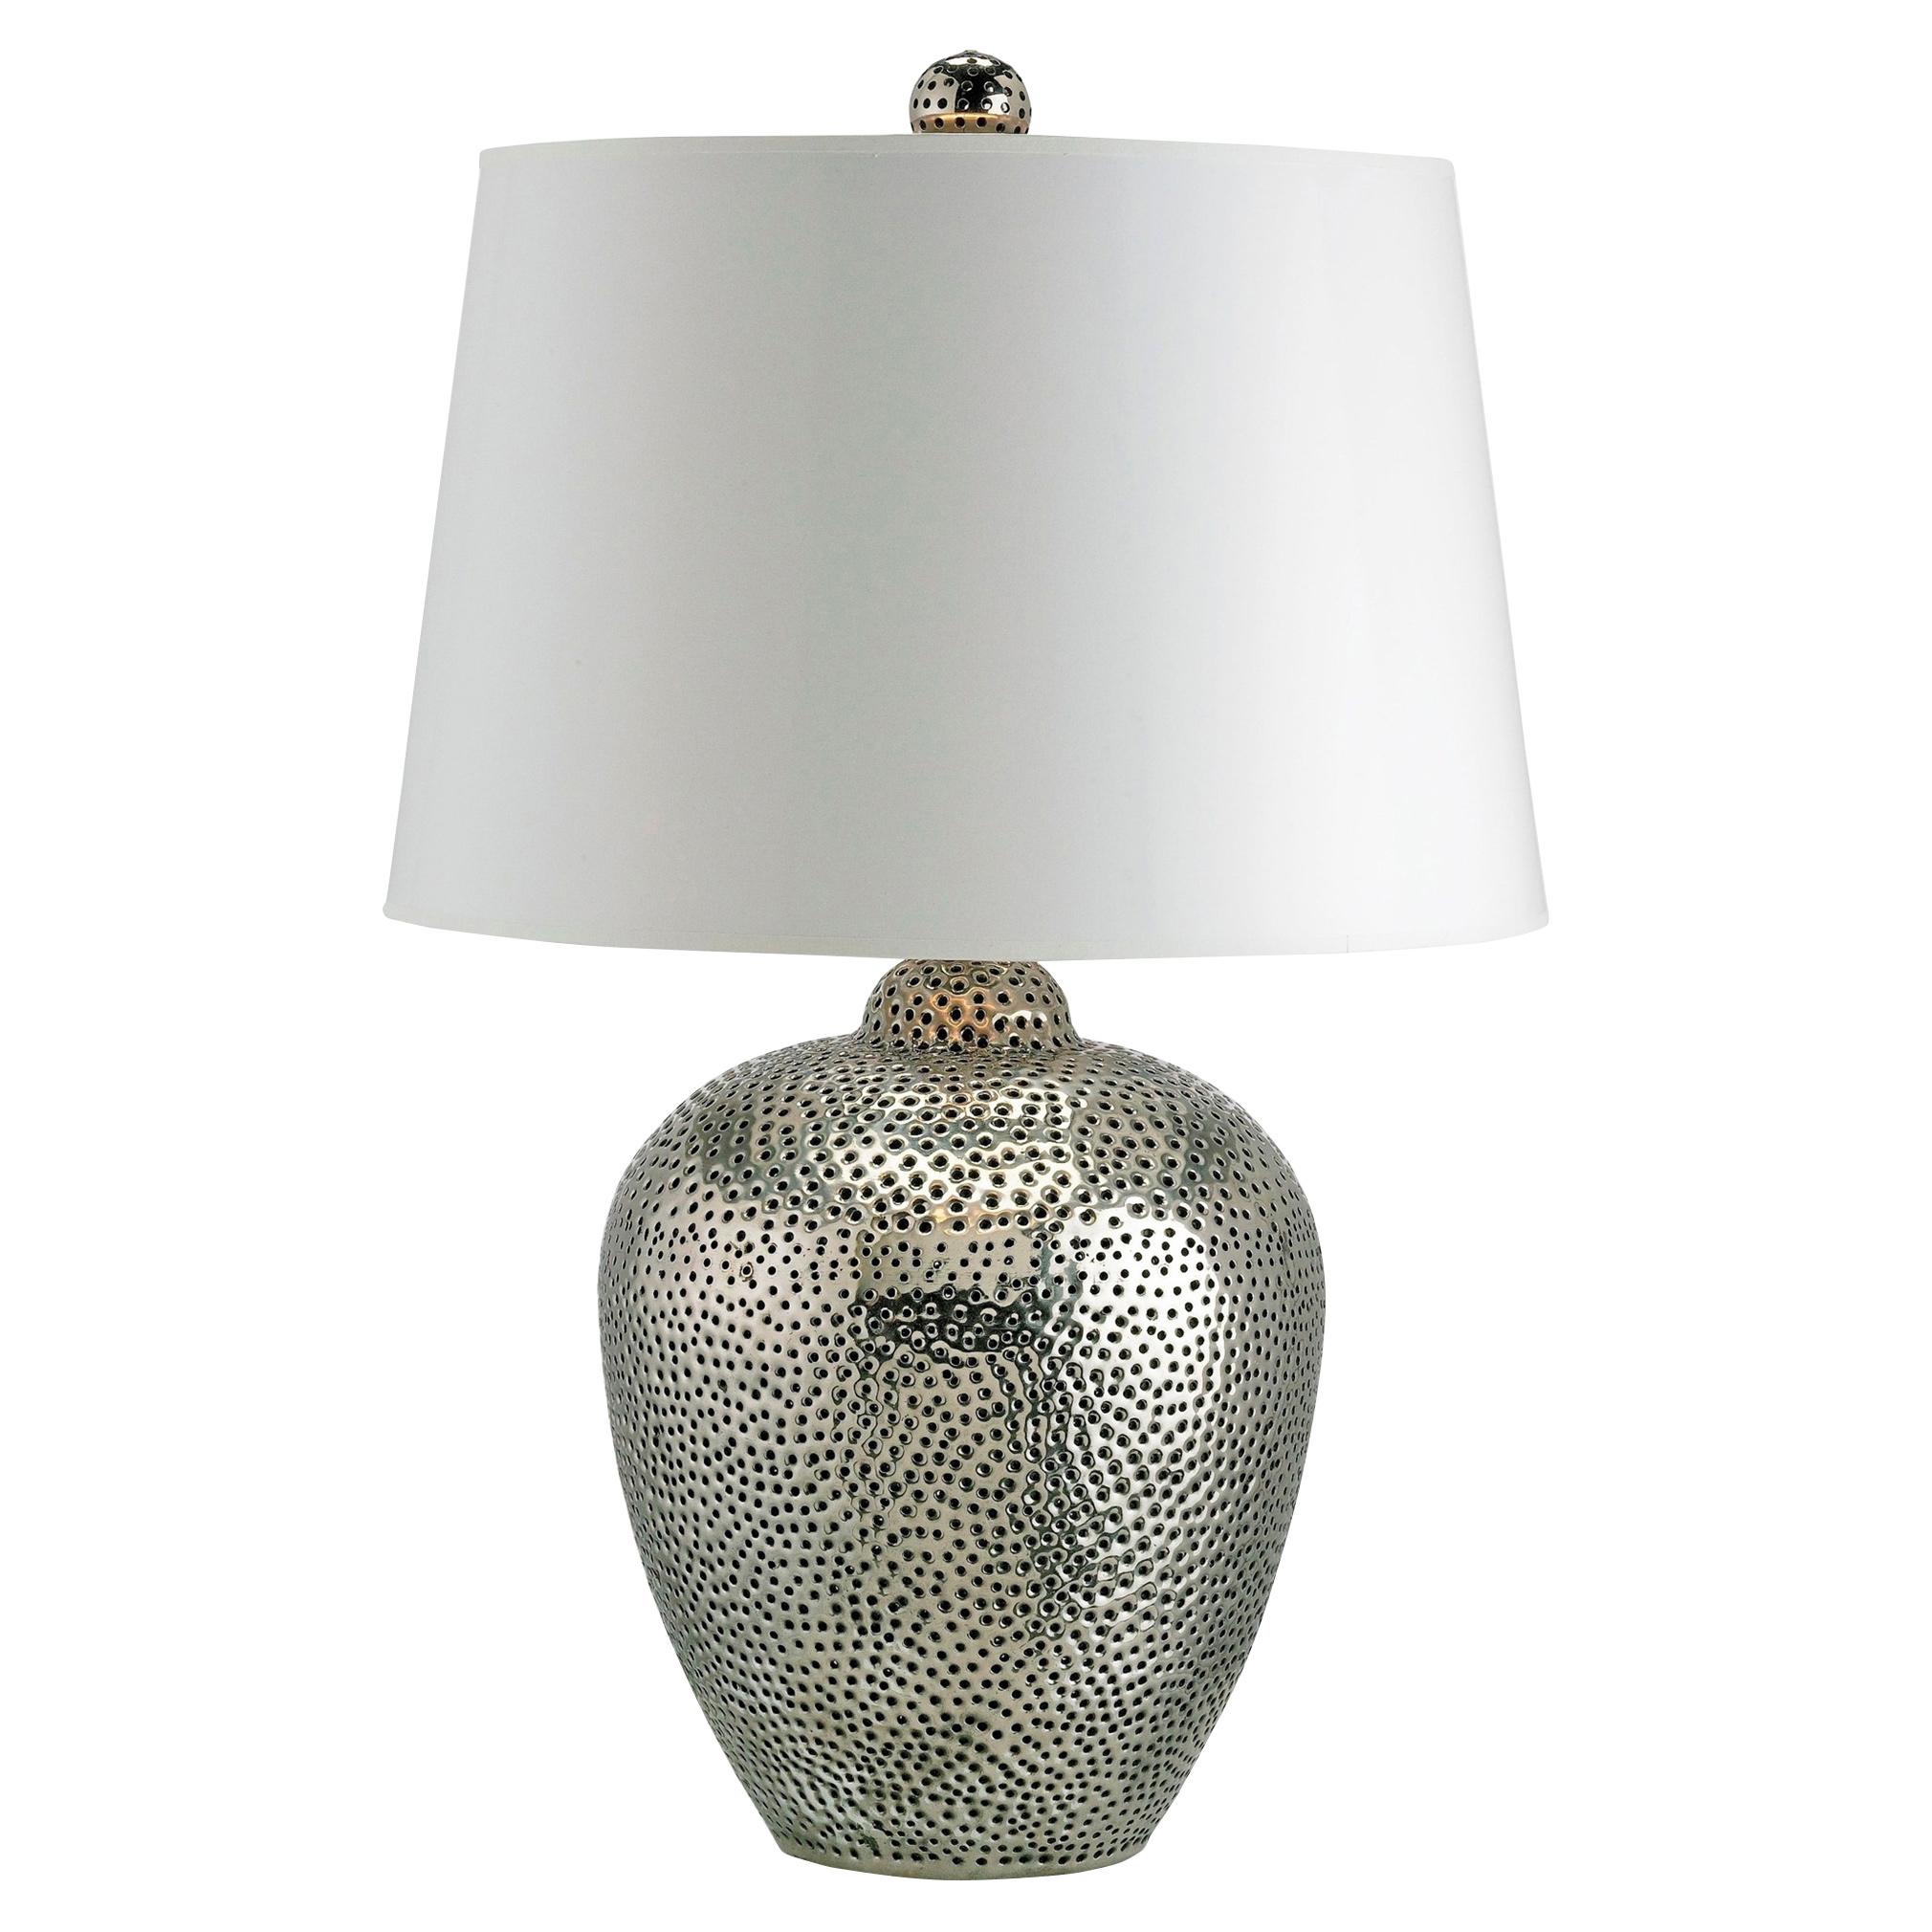 Cavan Global Bazaar Hammered Silver Table Lamp